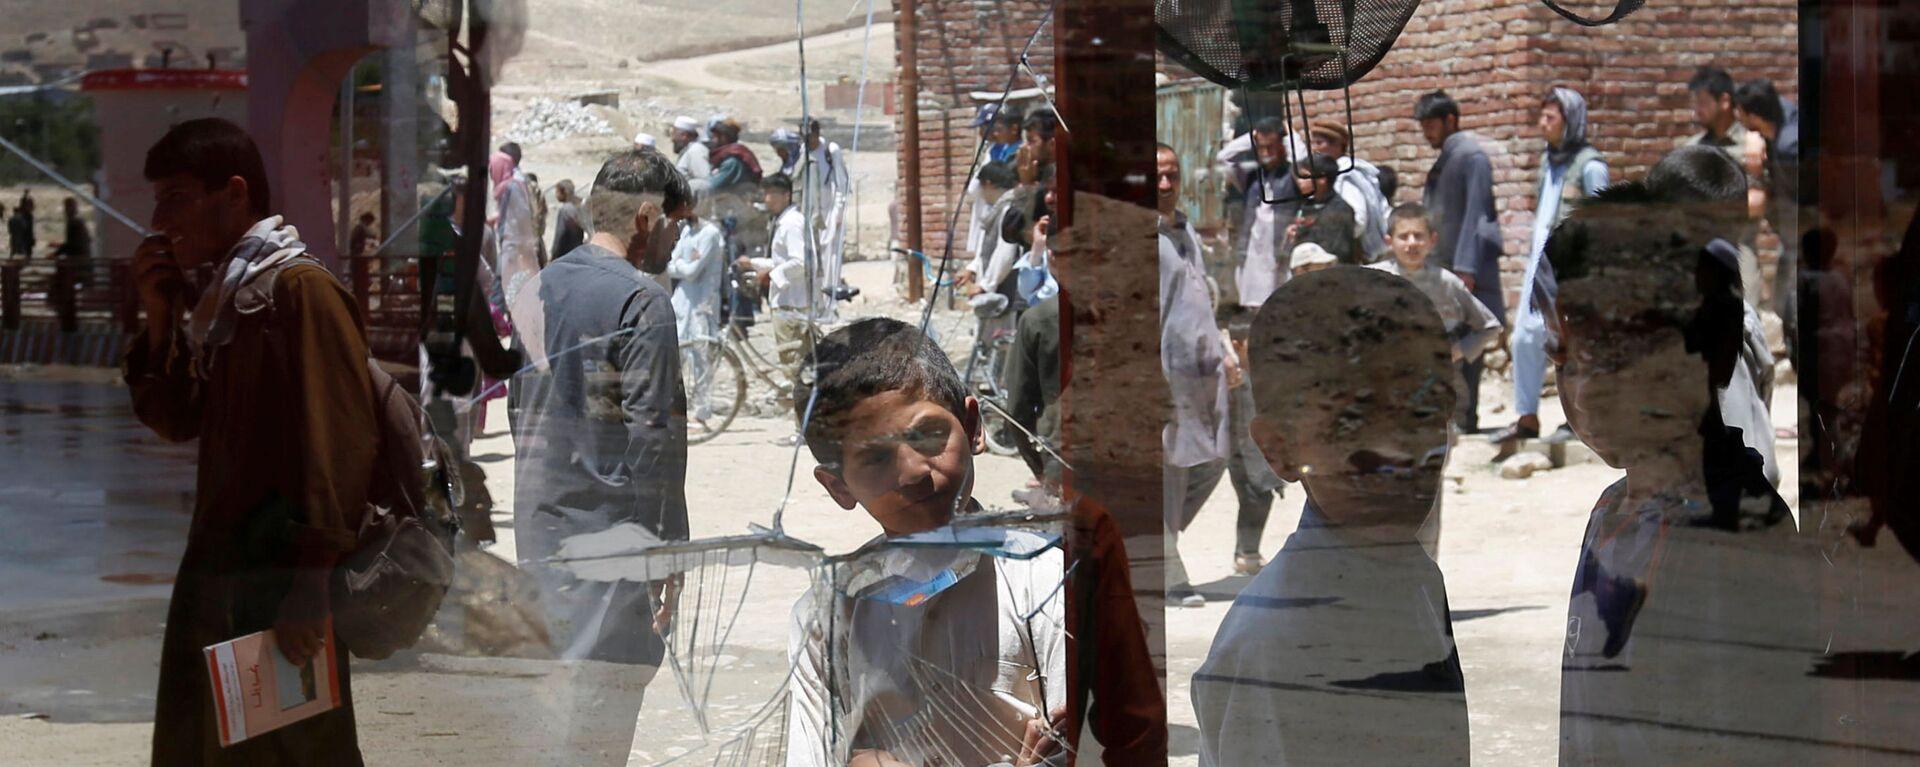 Afghánští chlapci u rozbitého okna v Kábulu, Afghánistán - Sputnik Česká republika, 1920, 10.09.2021